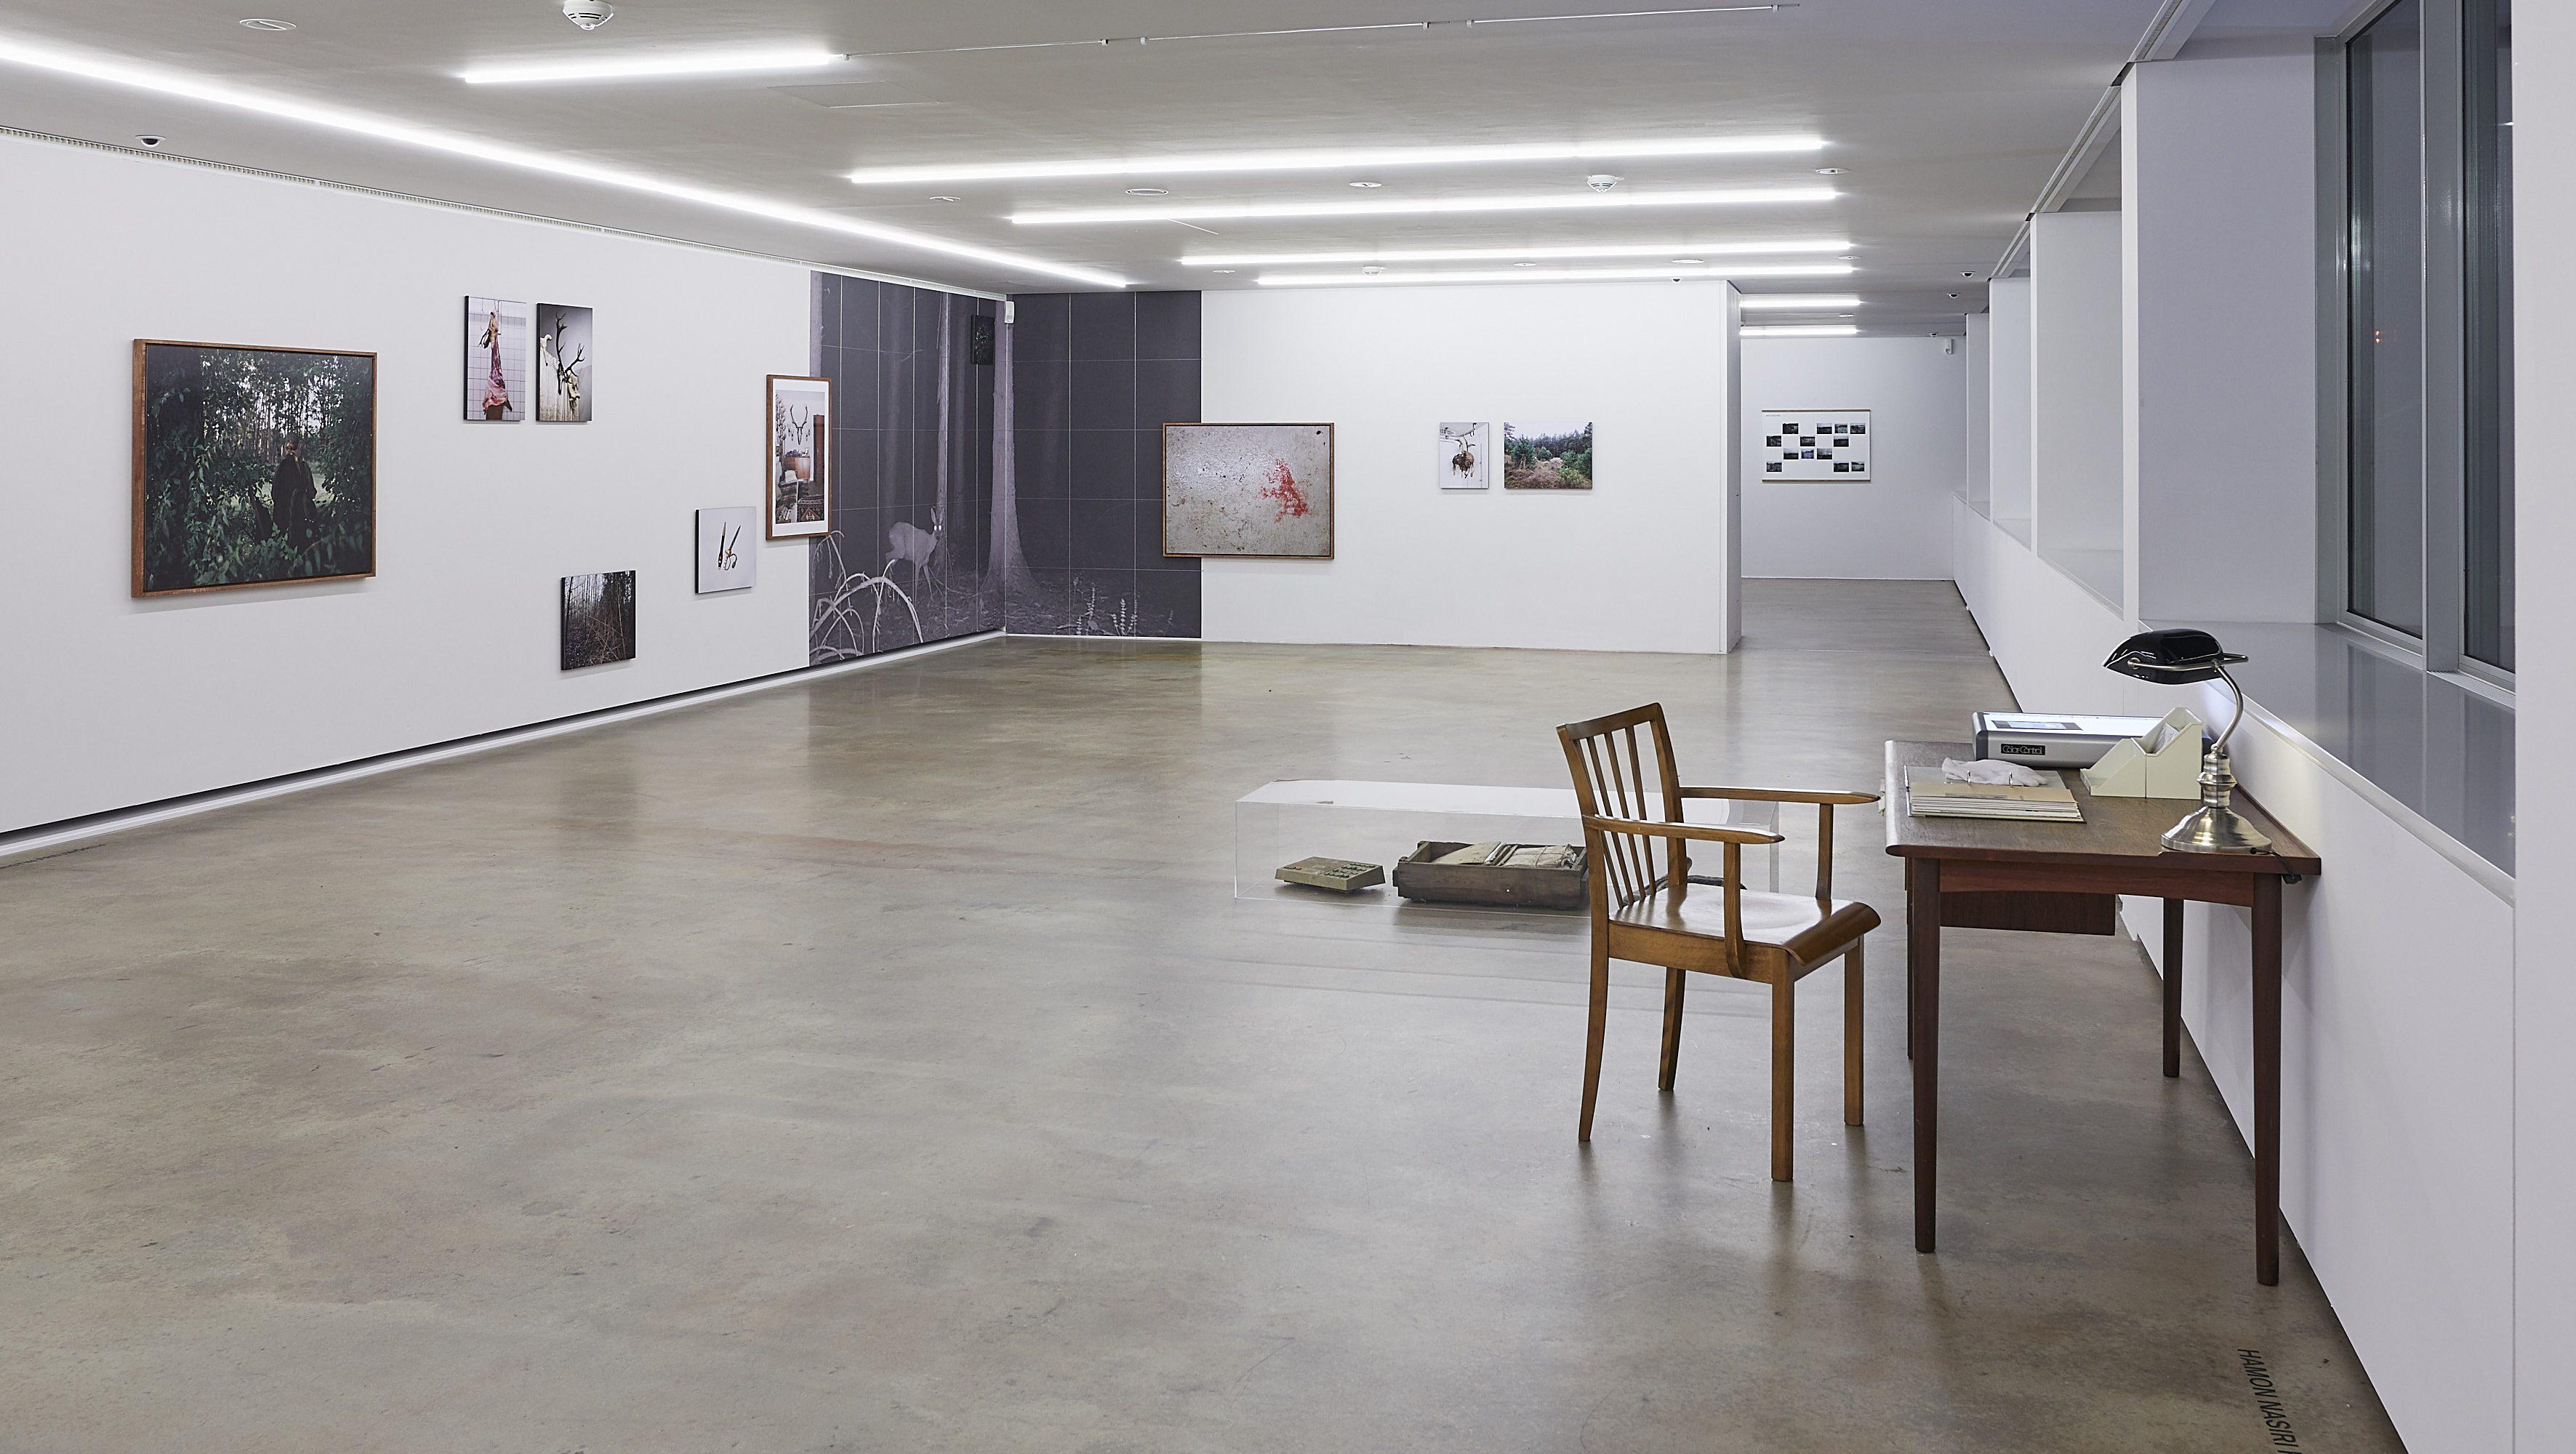 Raumansicht mit Arbeiten von Ann Christine Freuwörth, Annelot Meines und Hamon Nasiri Honarvar